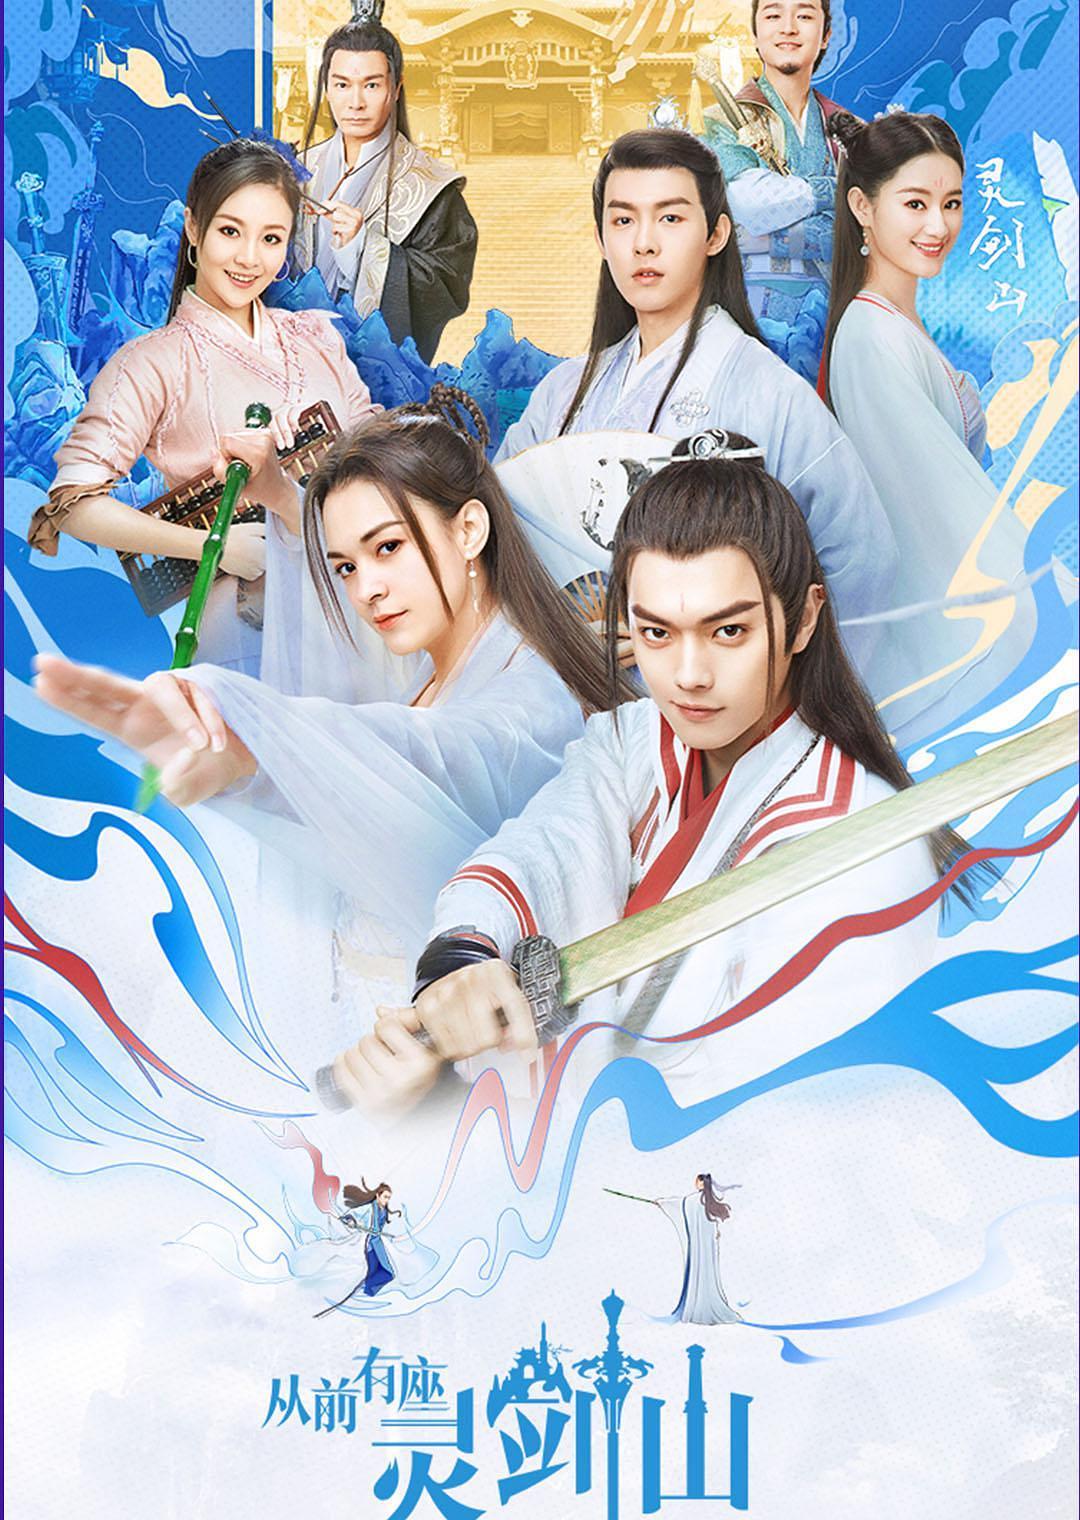 《从前有座灵剑山》是最近下载火的网络小说比较的电视剧,我也是韩国古装剧电影迅雷改编图片